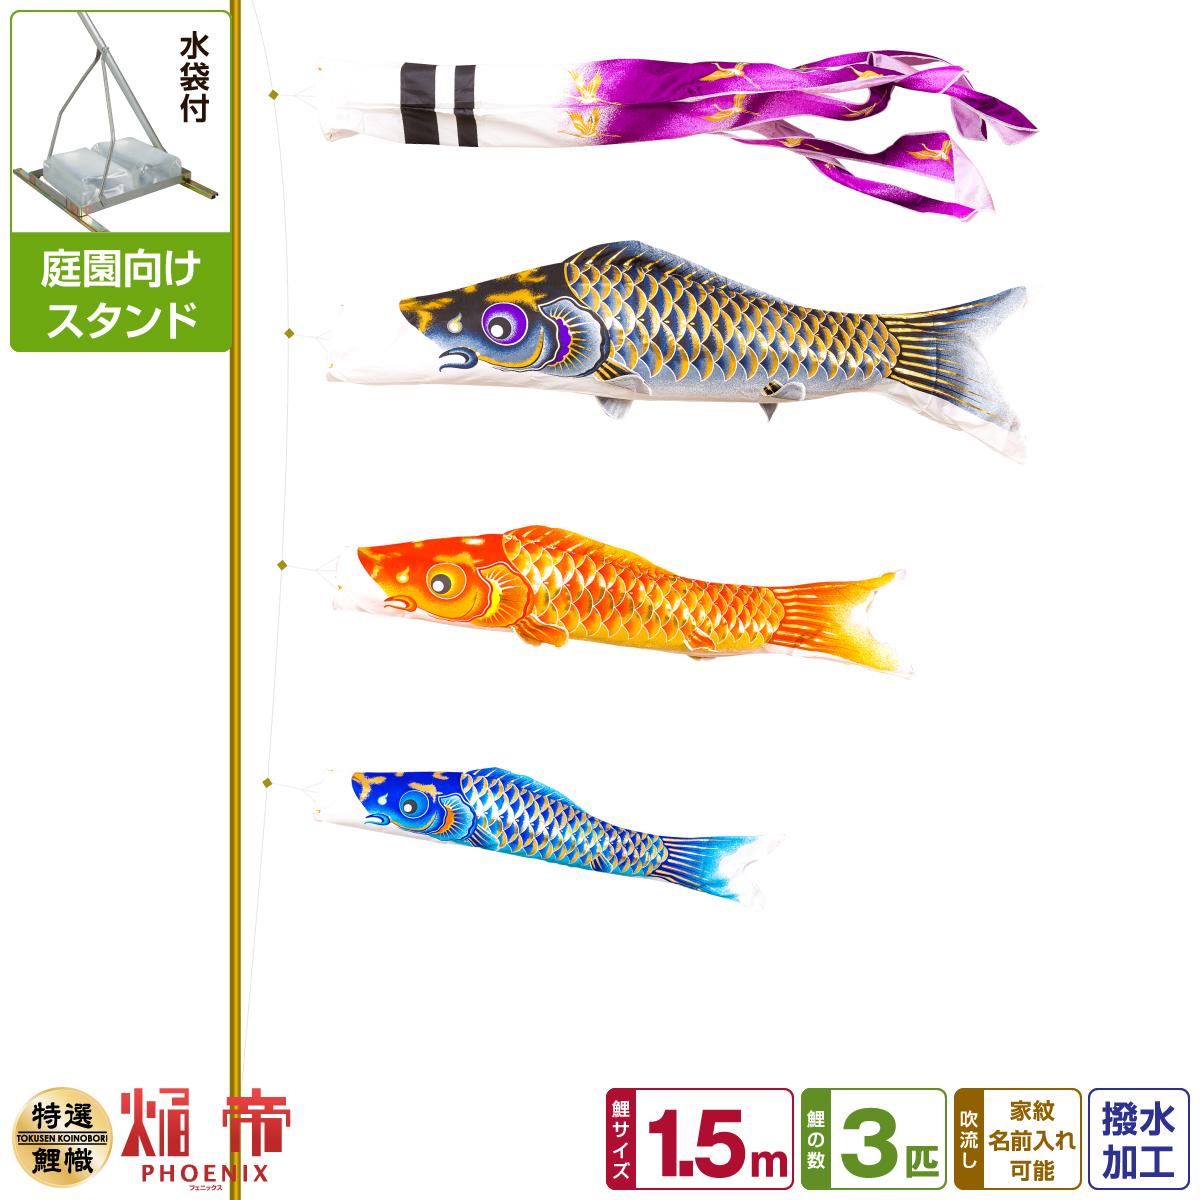 庭園用 こいのぼり 鯉のぼり 焔帝鯉フェニックス 1.5m 6点セット(吹流し+鯉3匹+矢車+ロープ) 庭園 ポール付属 ガーデンスタンドセット